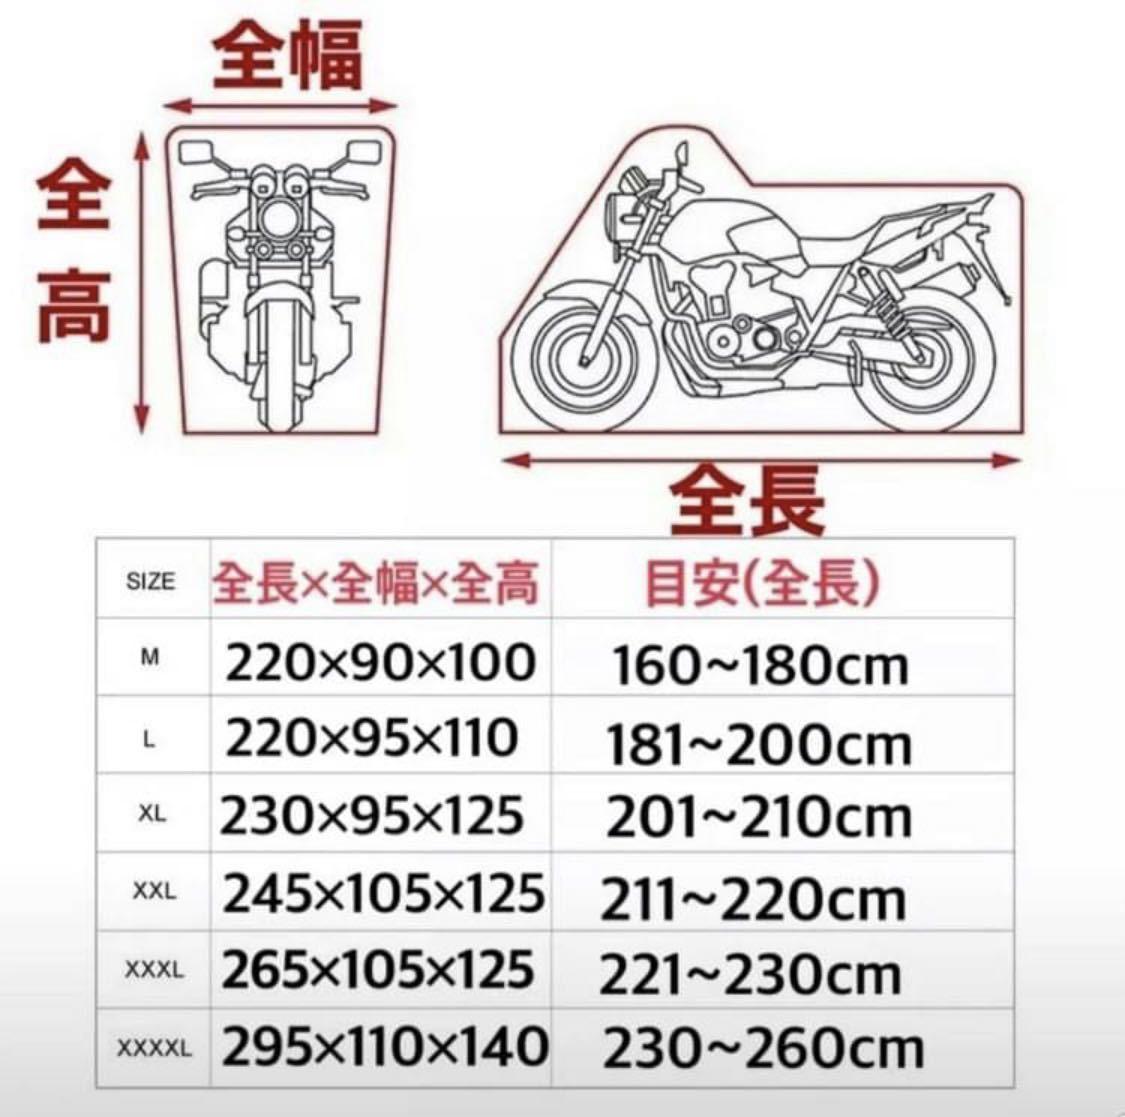 バイクカバー 中型 XL バイク用品 防水 耐熱 防風 風飛び防止 UV 防雪 防犯 いたずら防止 雨対策 バイク カバー 黒 銀_画像7